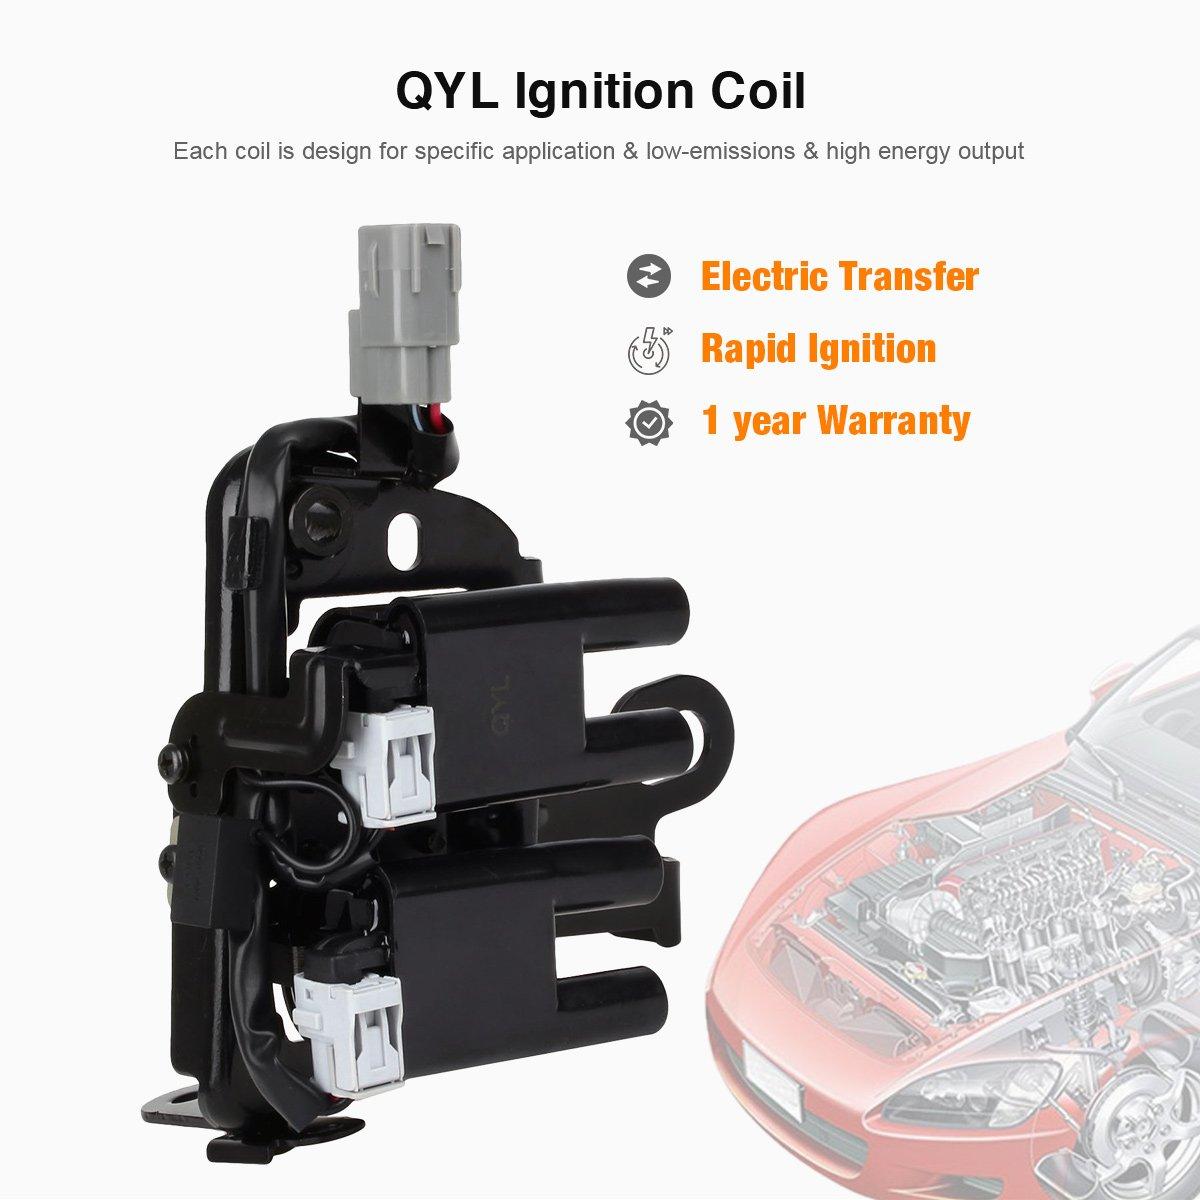 QYL Bobina de encendido pack para Hyundai Elantra Coupe Tucson Kia Spectra Sportage L4 2.0L uf419 C1434: Amazon.es: Coche y moto